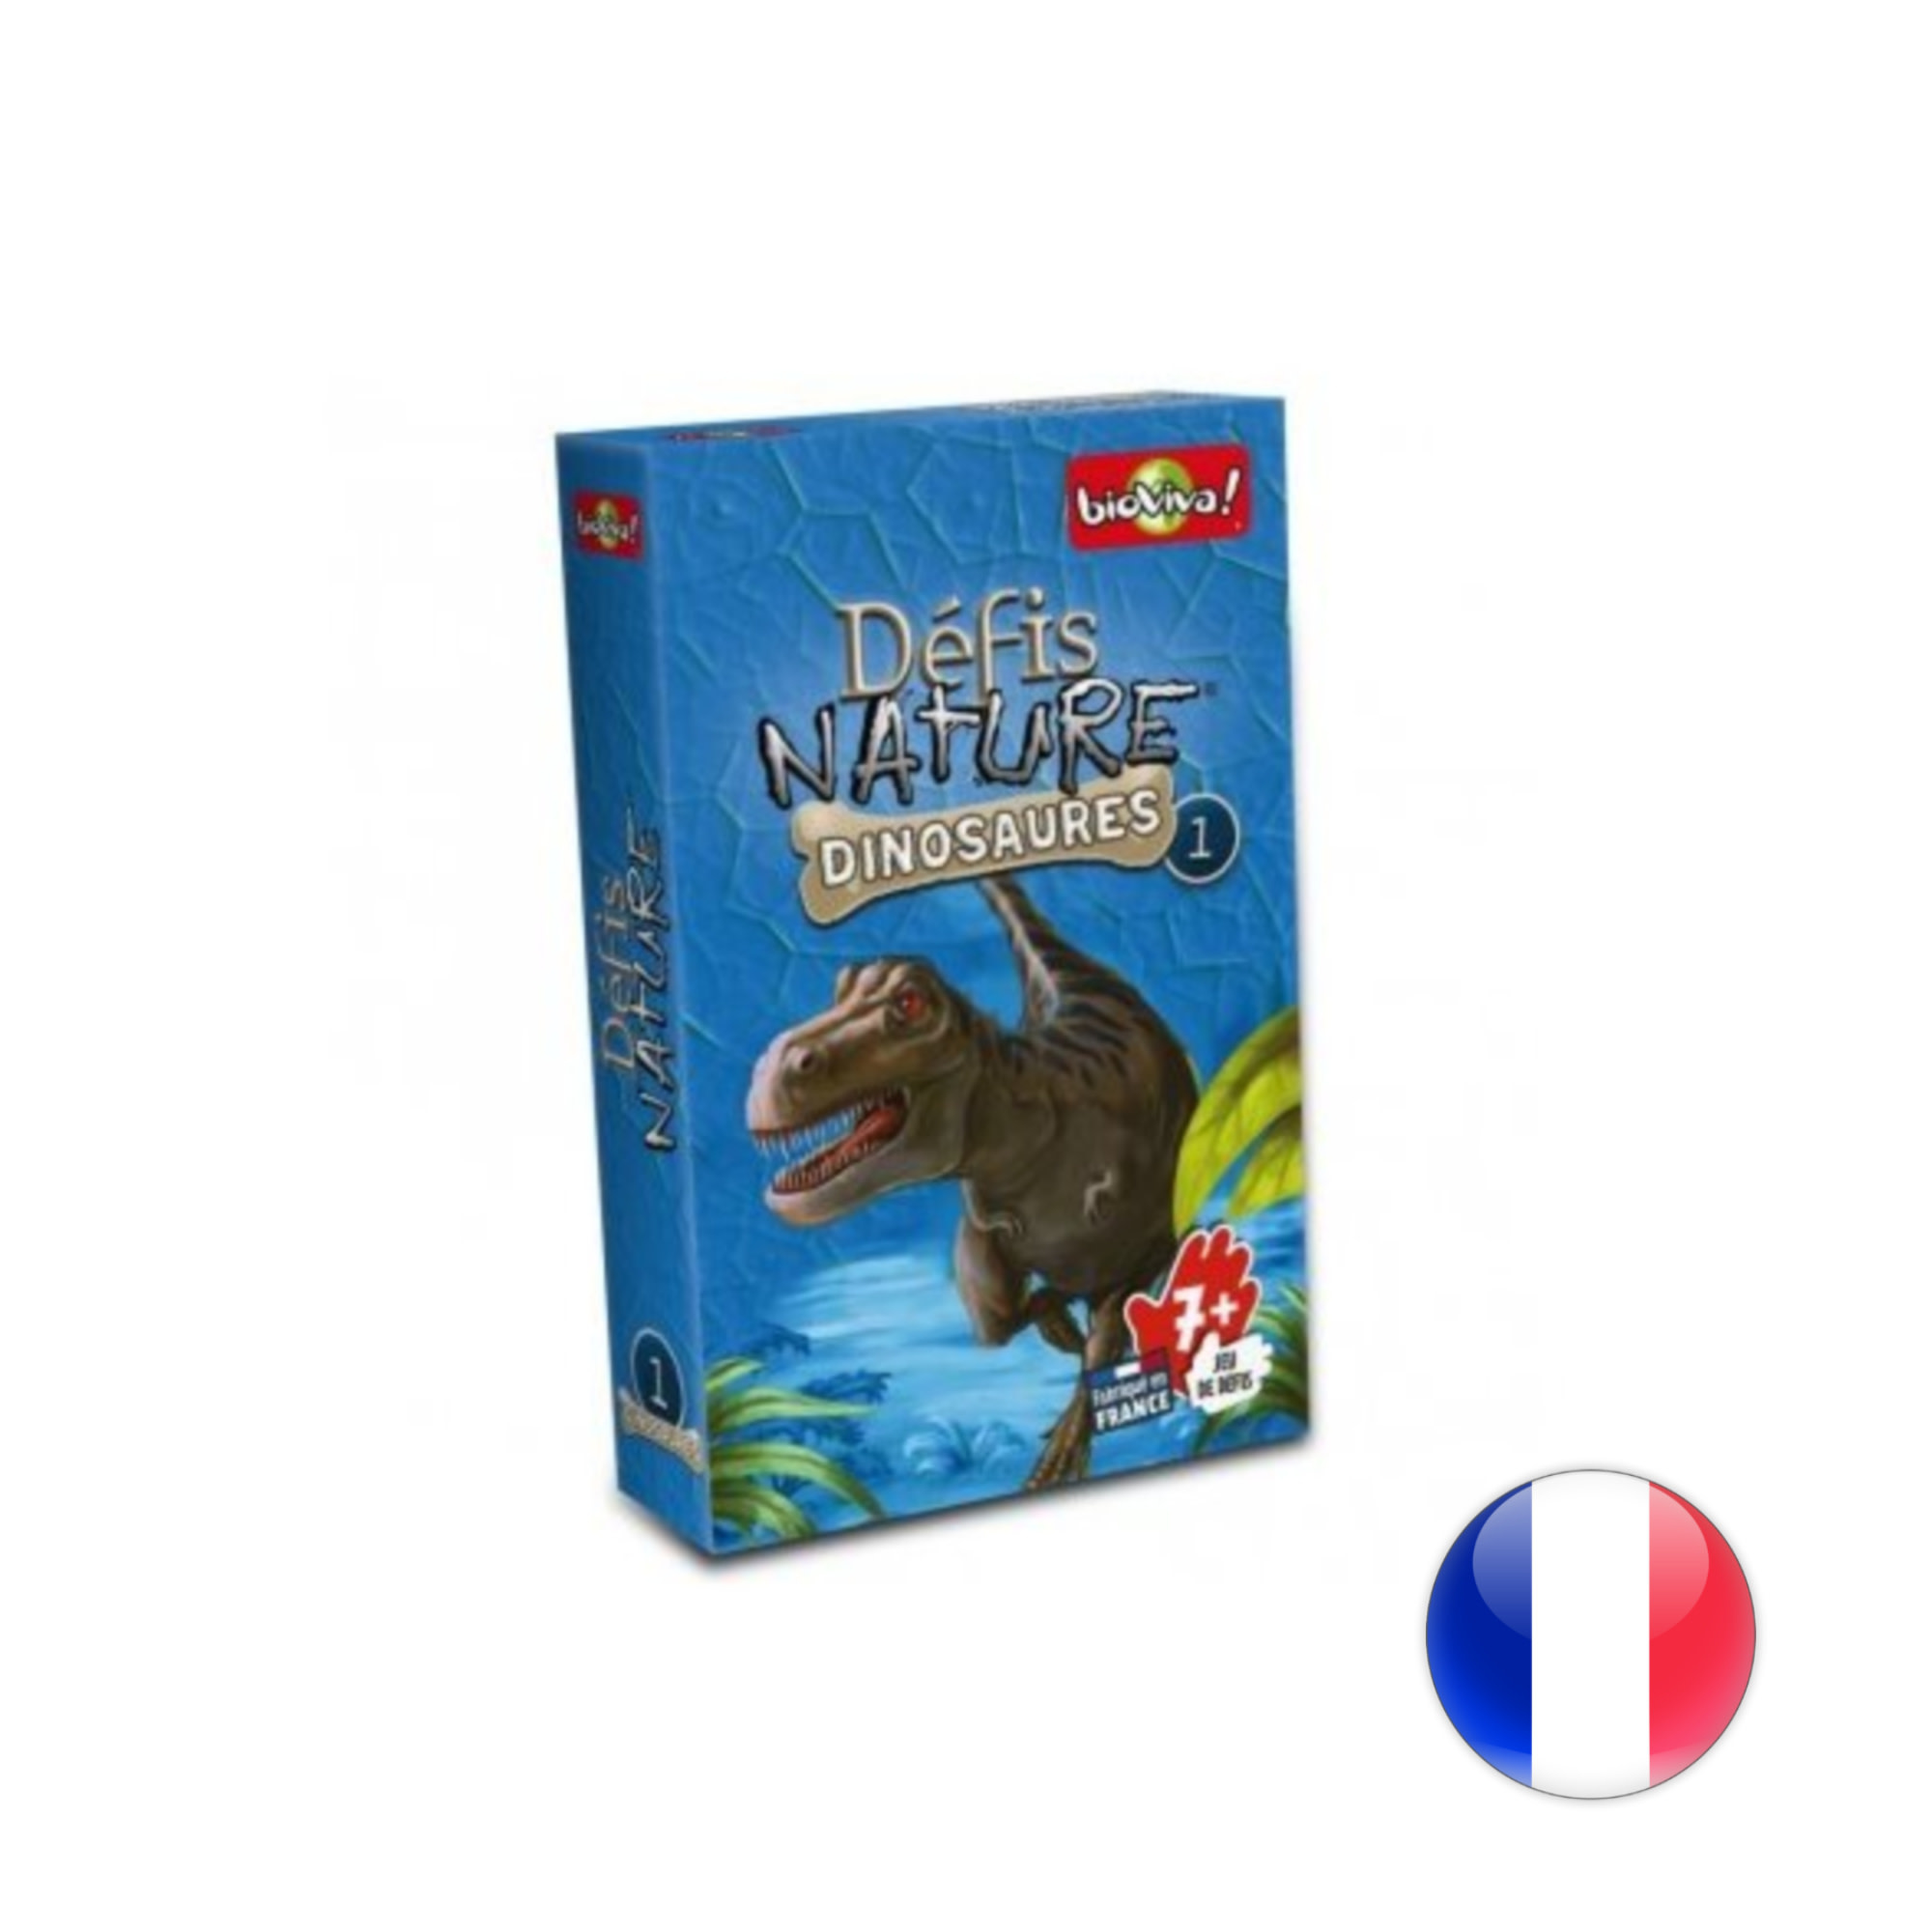 BioViva Défis Nature / Dinosaures 1 (bleu)